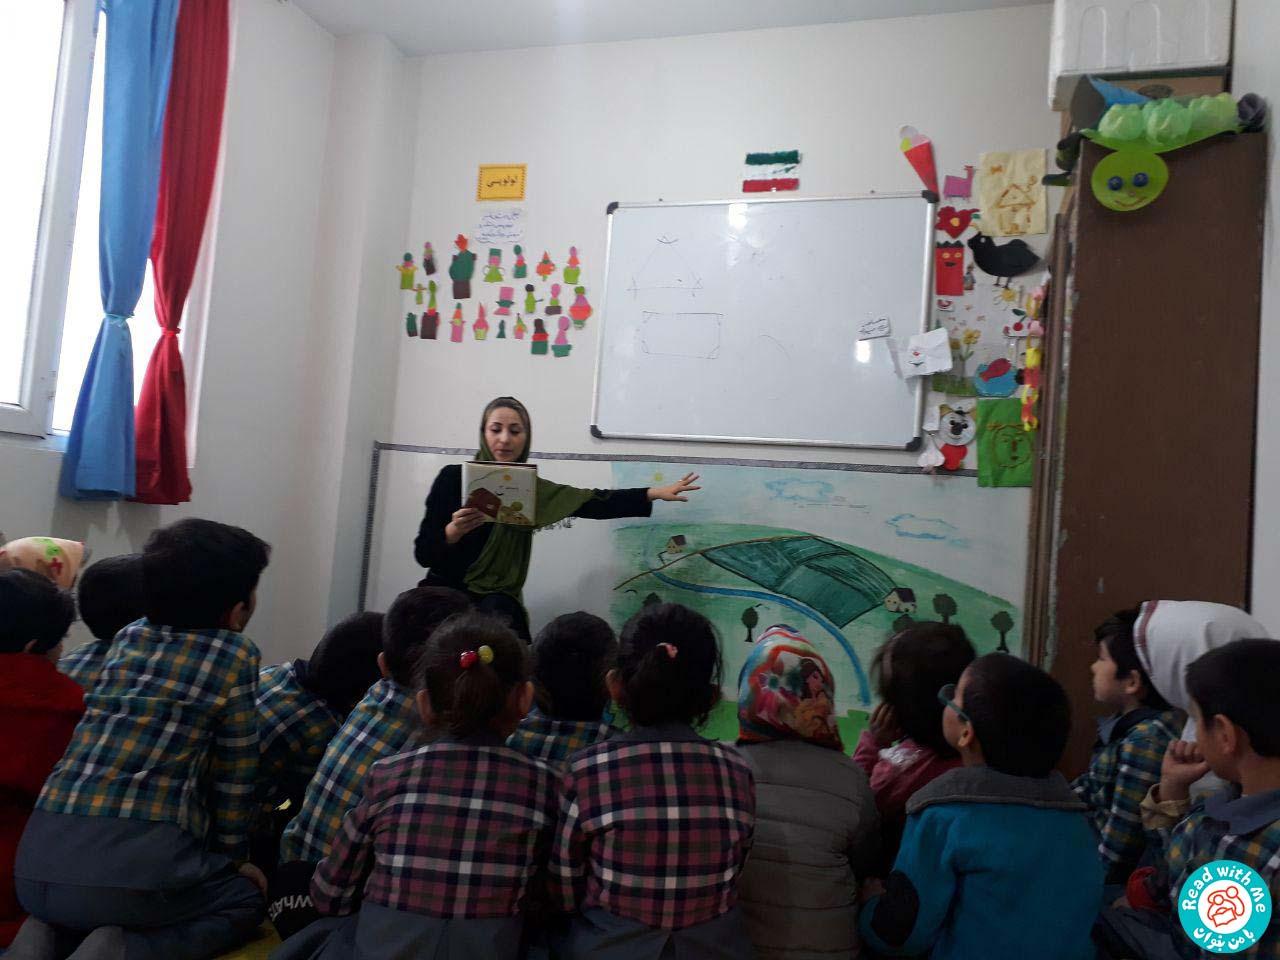 بلندخوانی داستانک چهارم شمارورزی لولوپی+۰، محمودآباد، بهمن 96